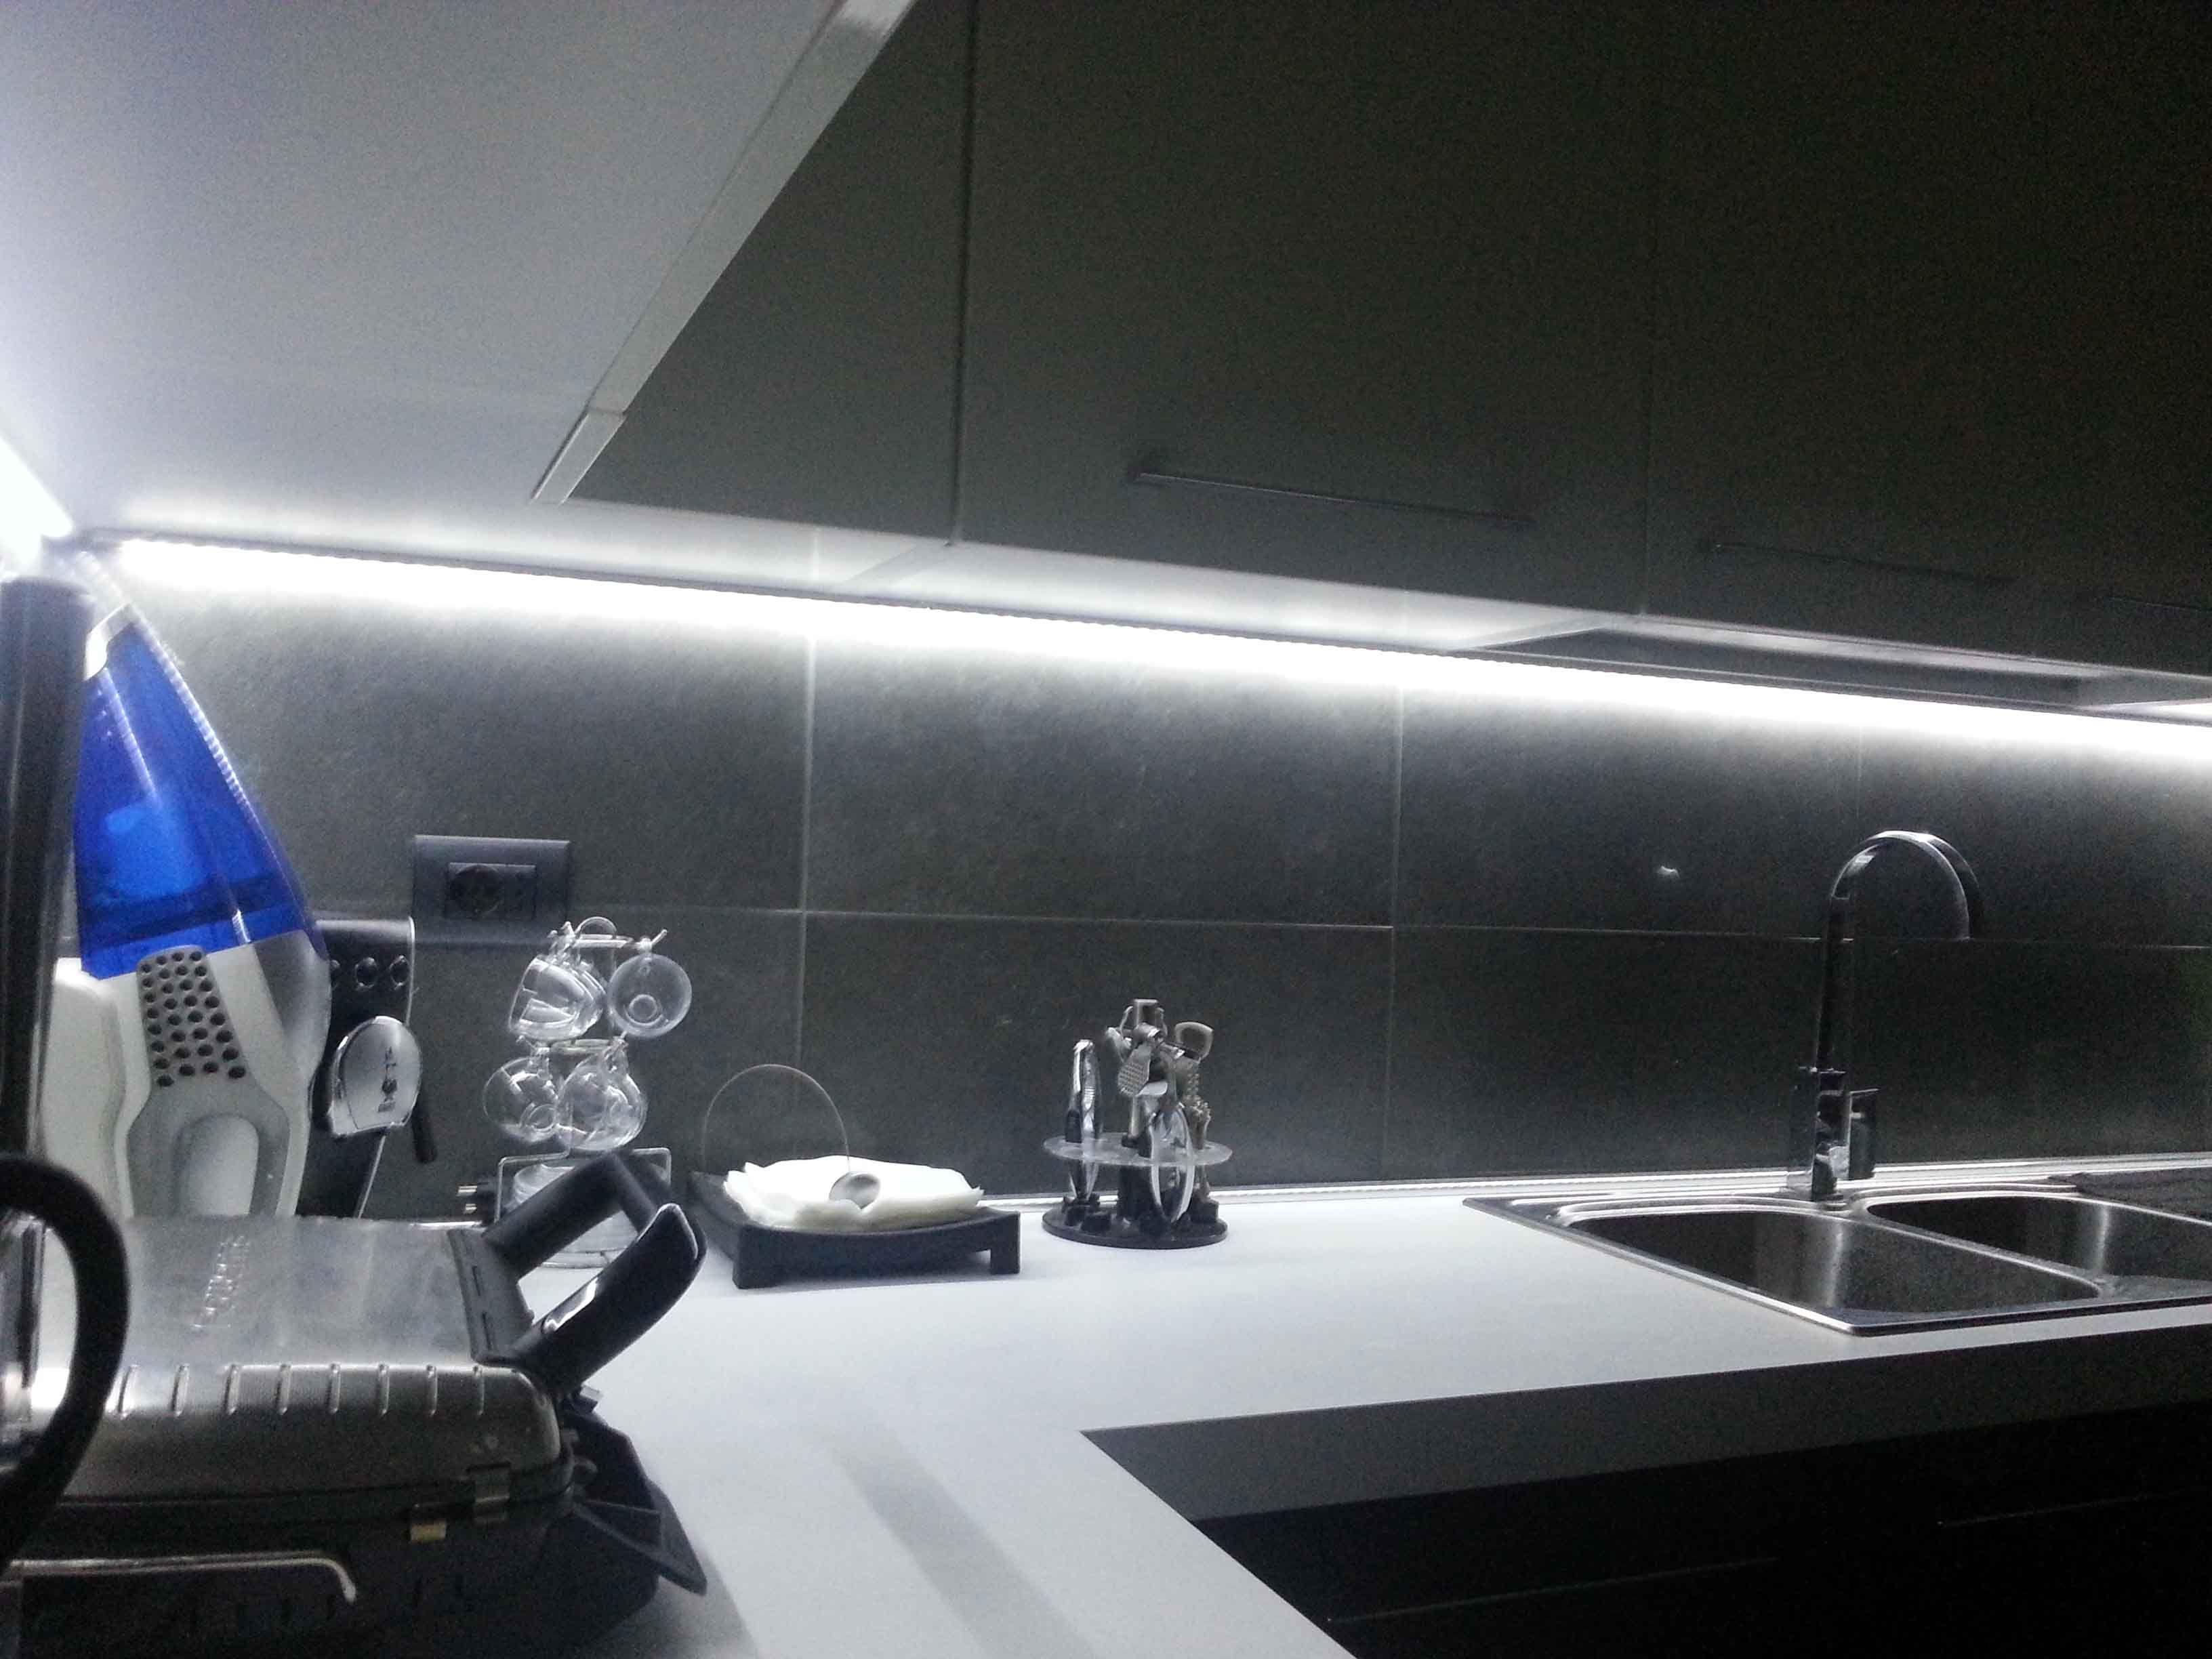 il piano di una cucina illuminato da una striscia led bianca